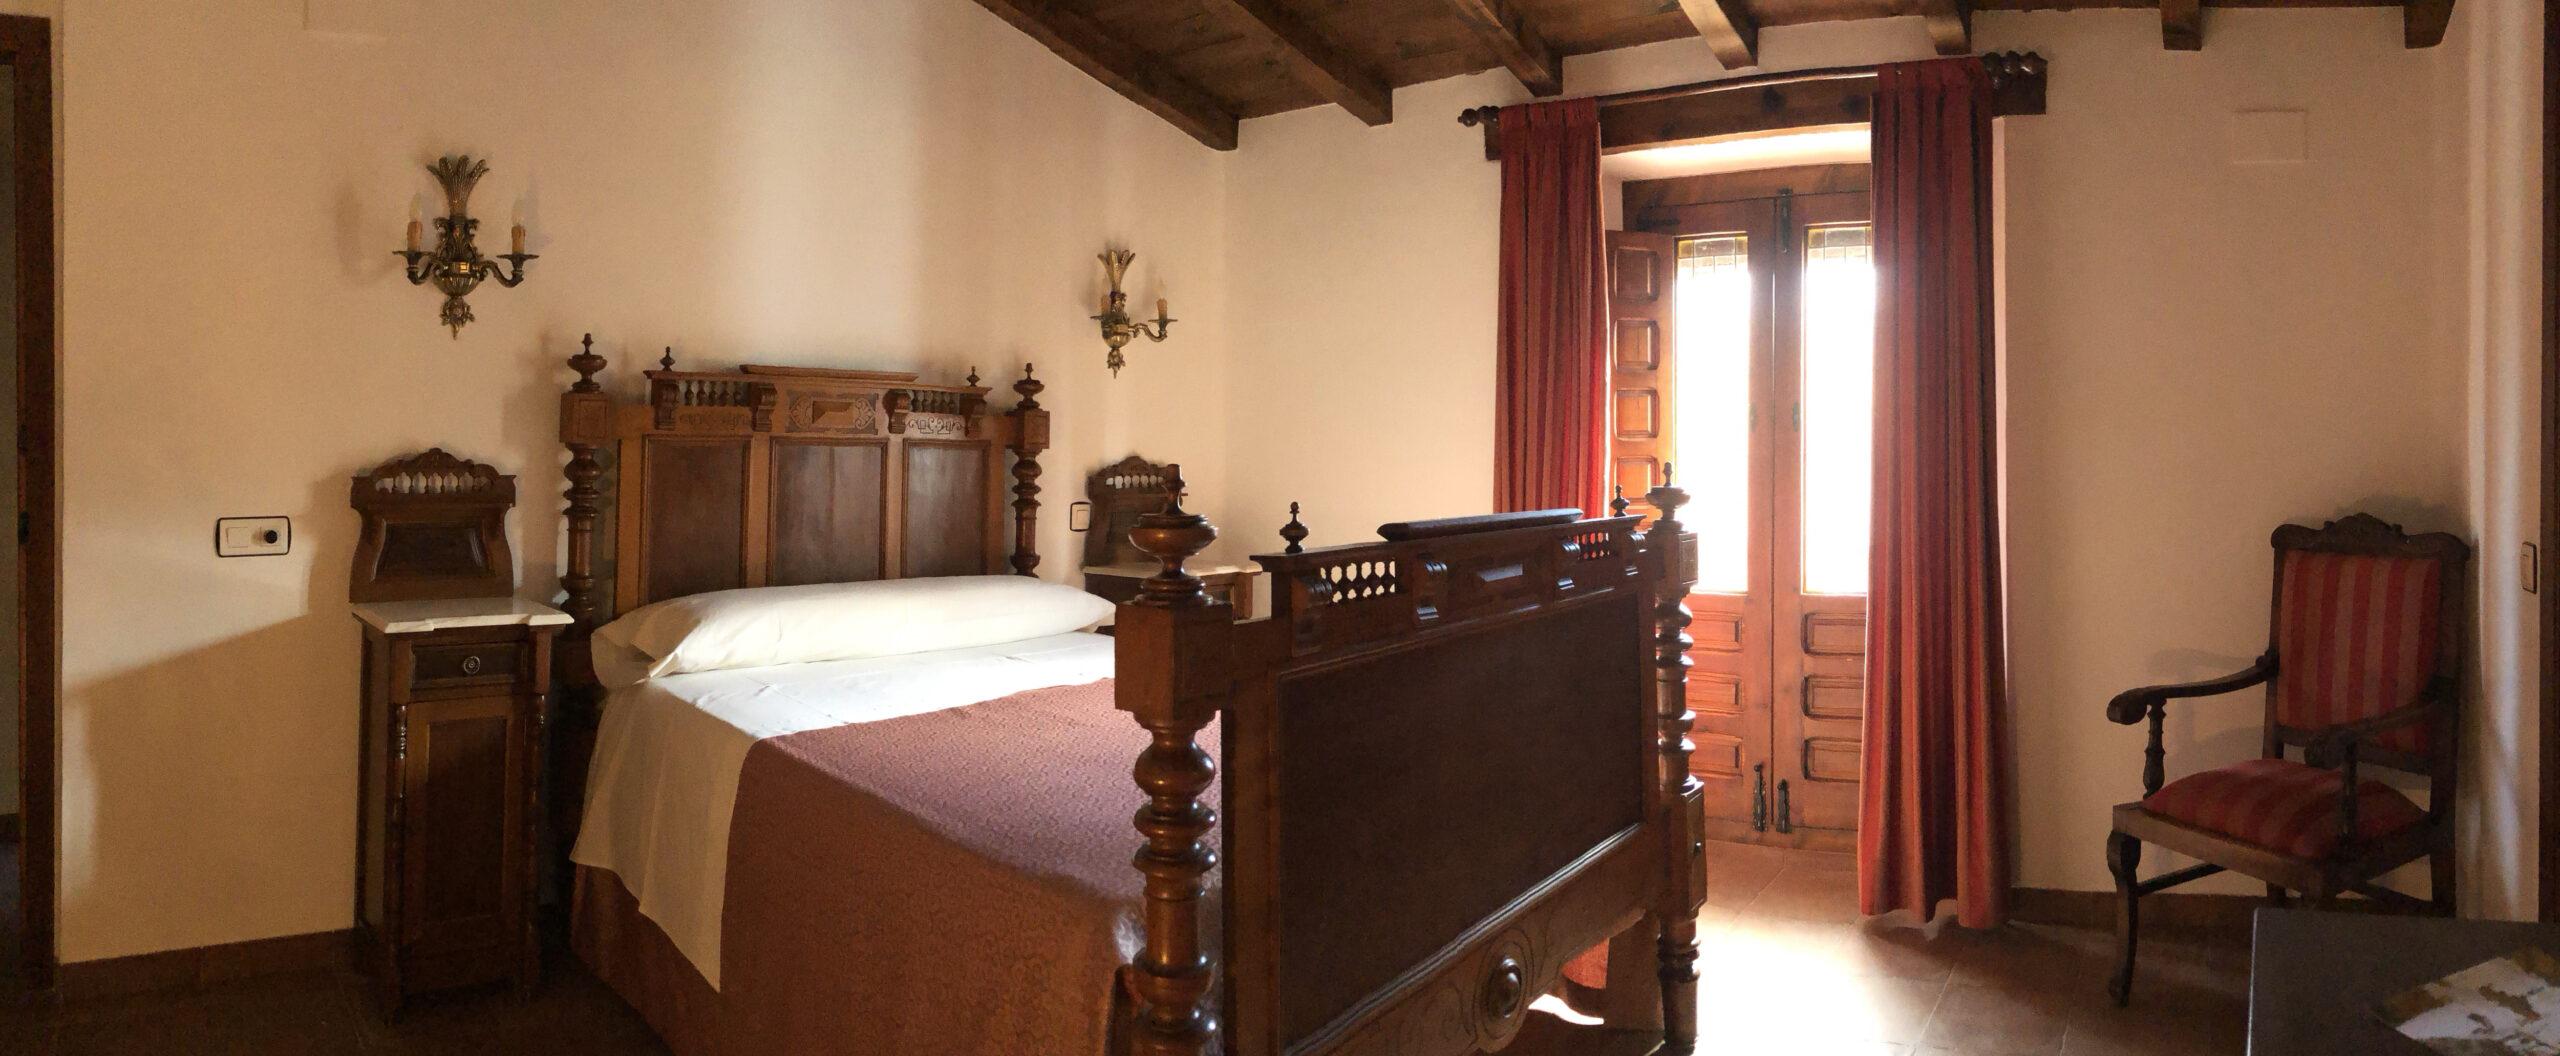 habitacion Rinconete y Cortadillo Casa de la Torre